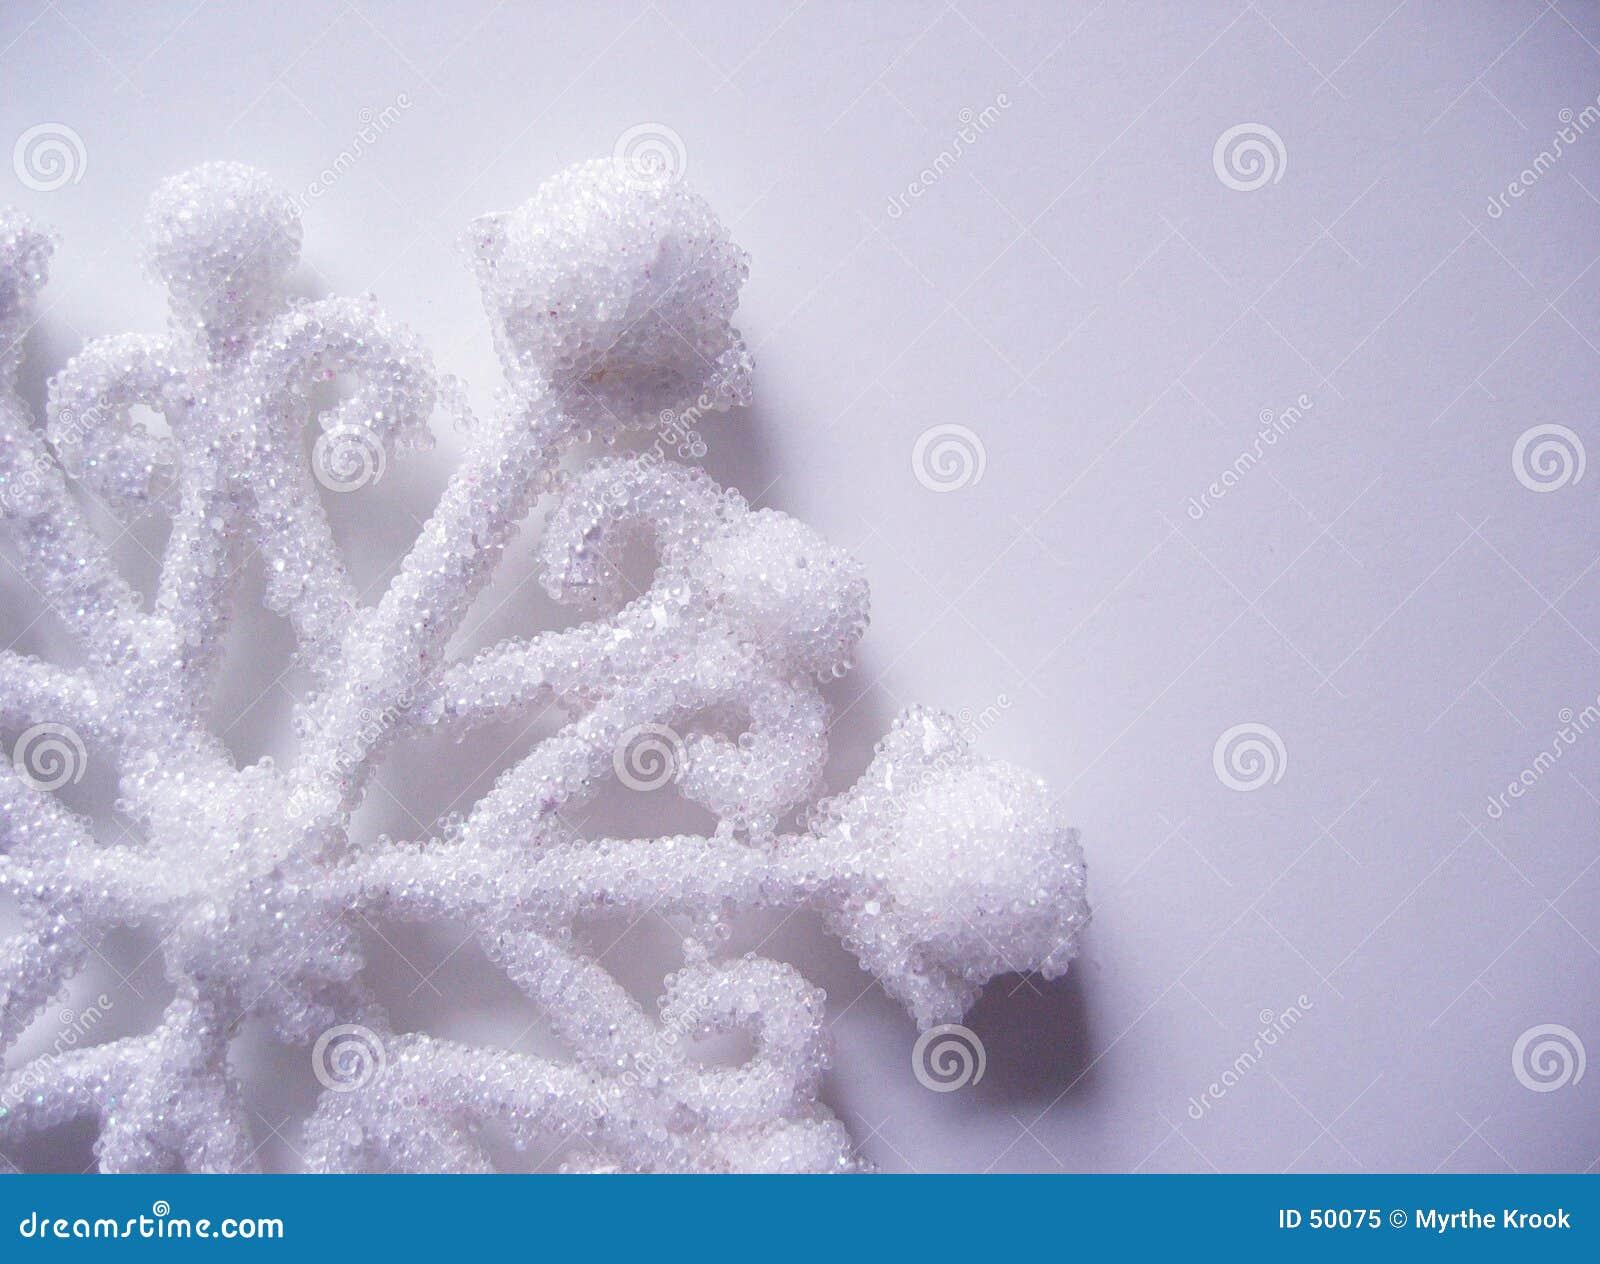 Download Fiocco di neve immagine stock. Immagine di festa, decorazione - 50075